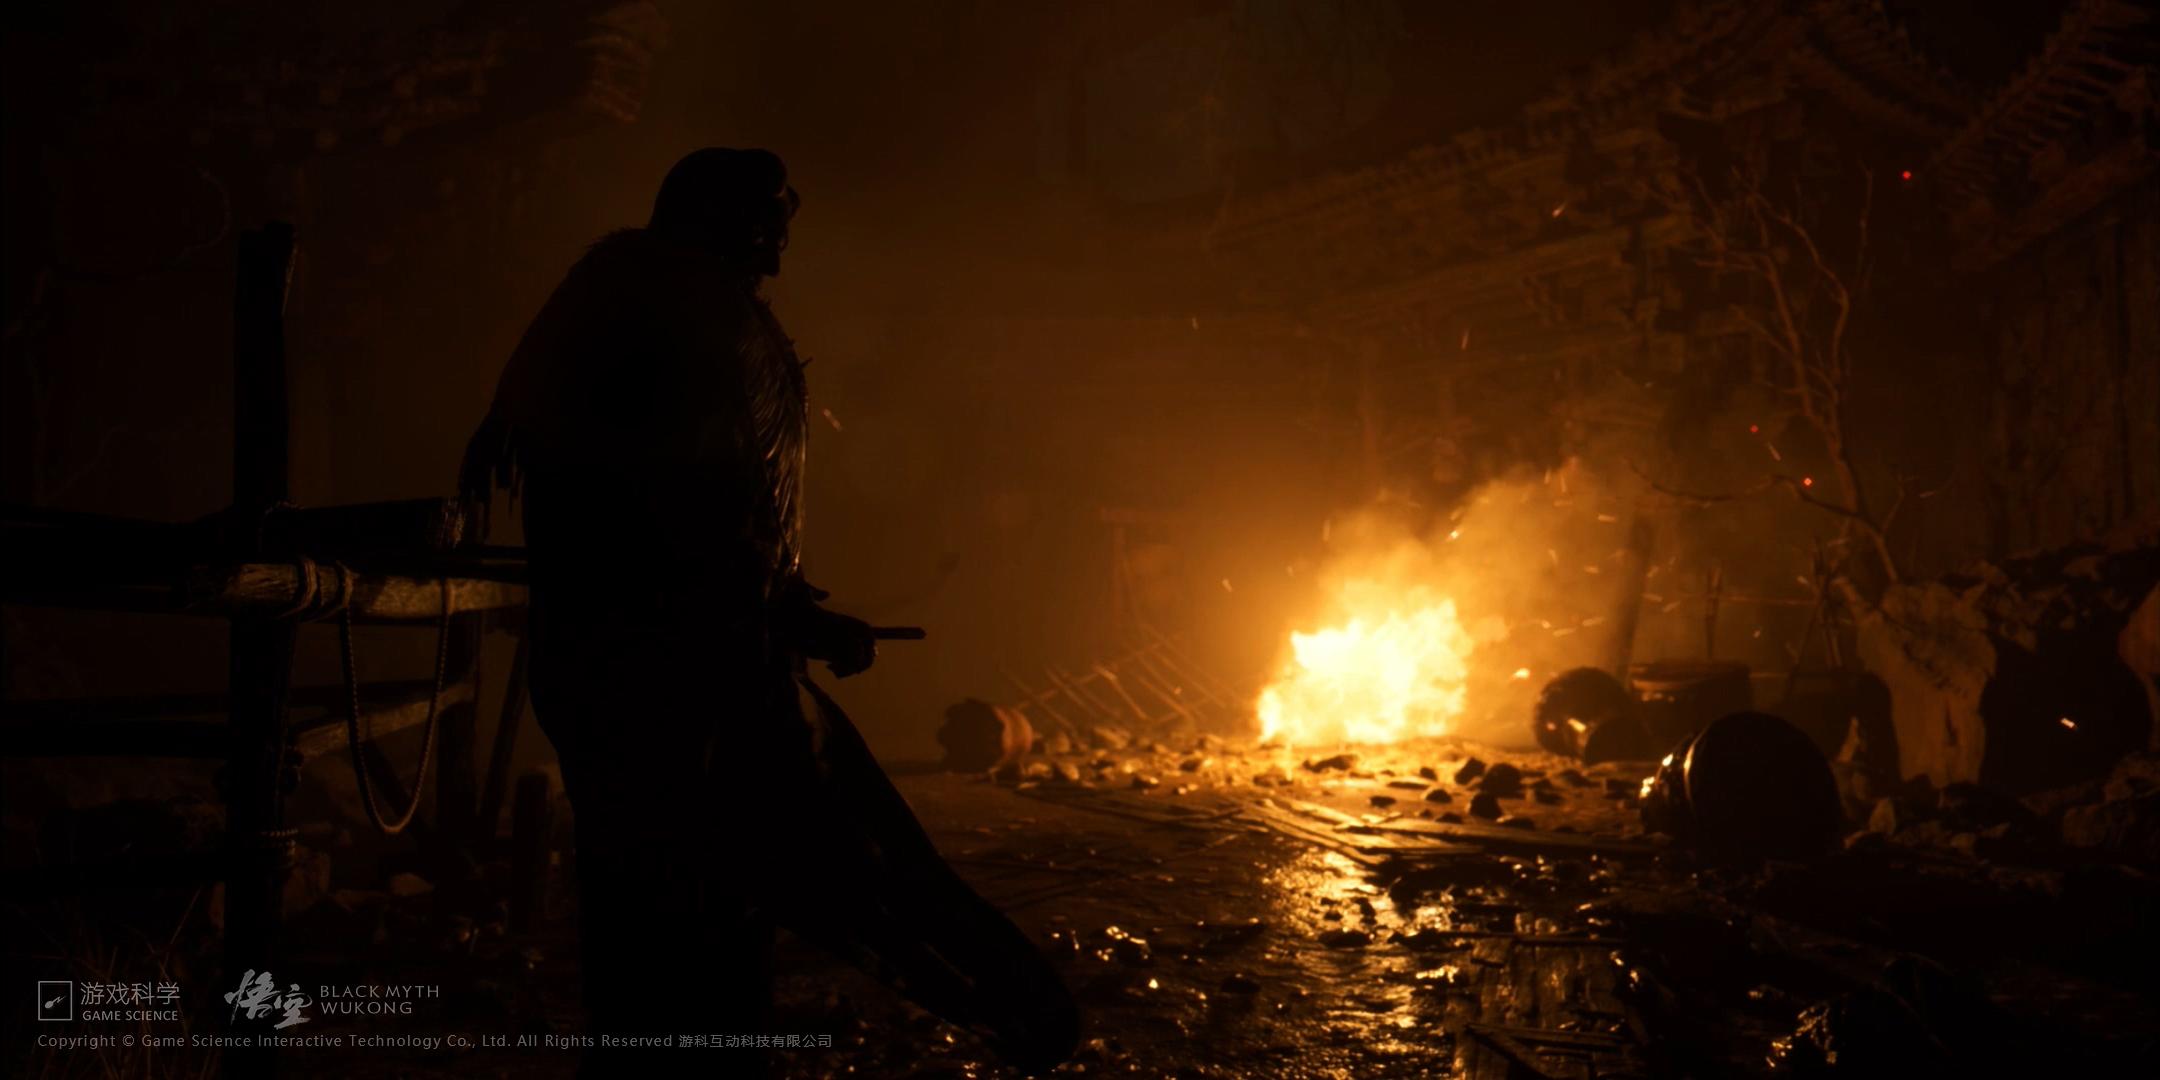 Black Myth: Wu Kong annunciato per Console e PC 23